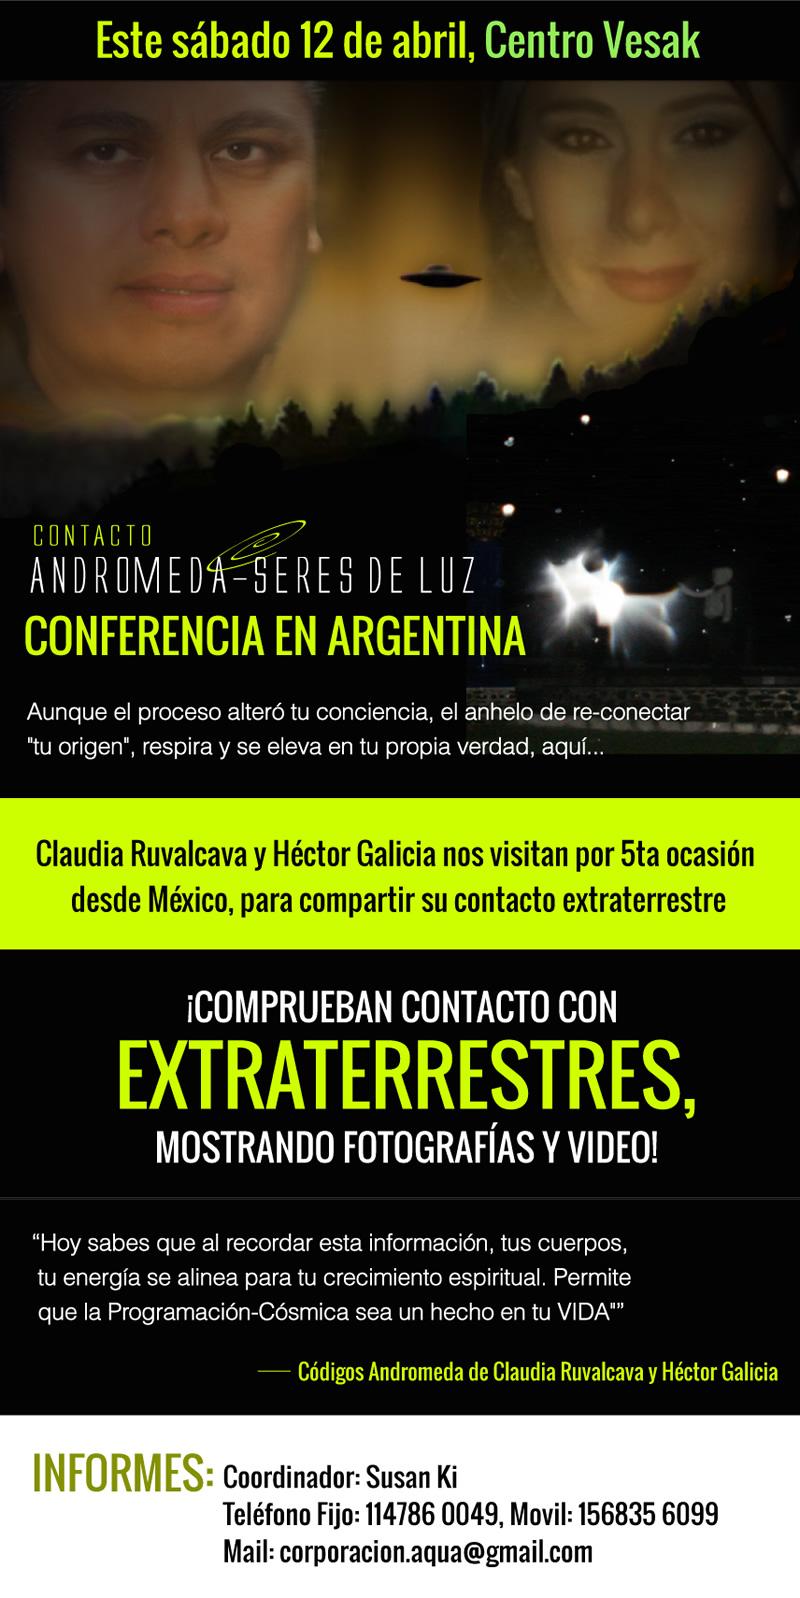 Contacto Andrómeda, Seres de Luz - Conferencia en Argentina